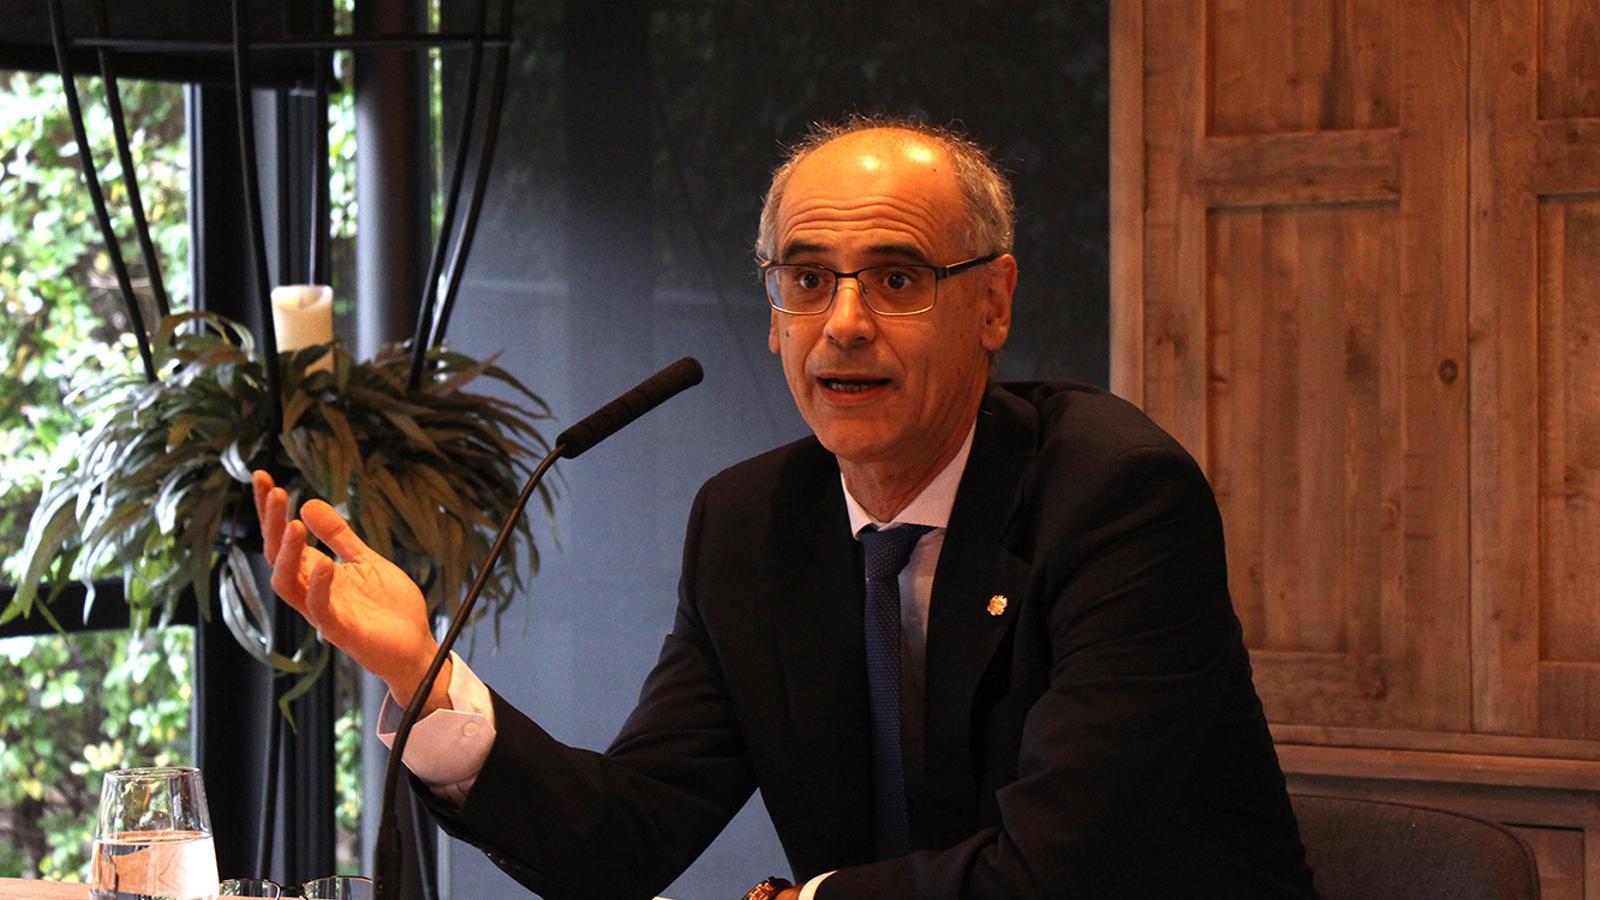 El cap de Govern, Toni Martí, durant el tradicional esmorzar amb els mitjans de comunicació. / M. F. (ANA)